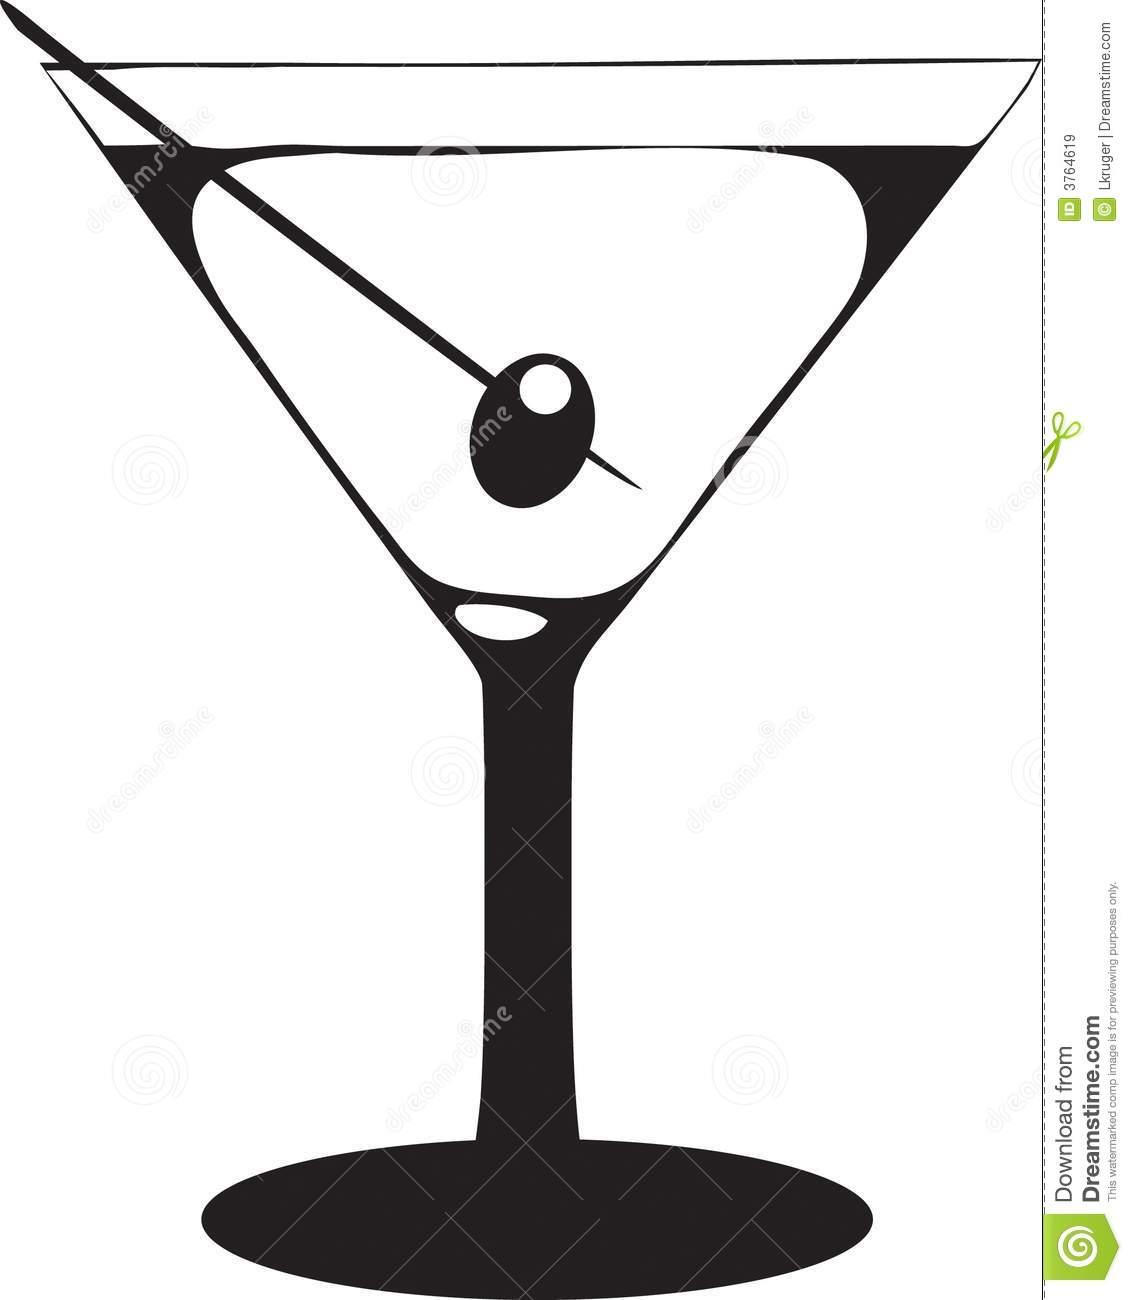 Clipart Martini Glass & Martini Glass Clip Art Images.